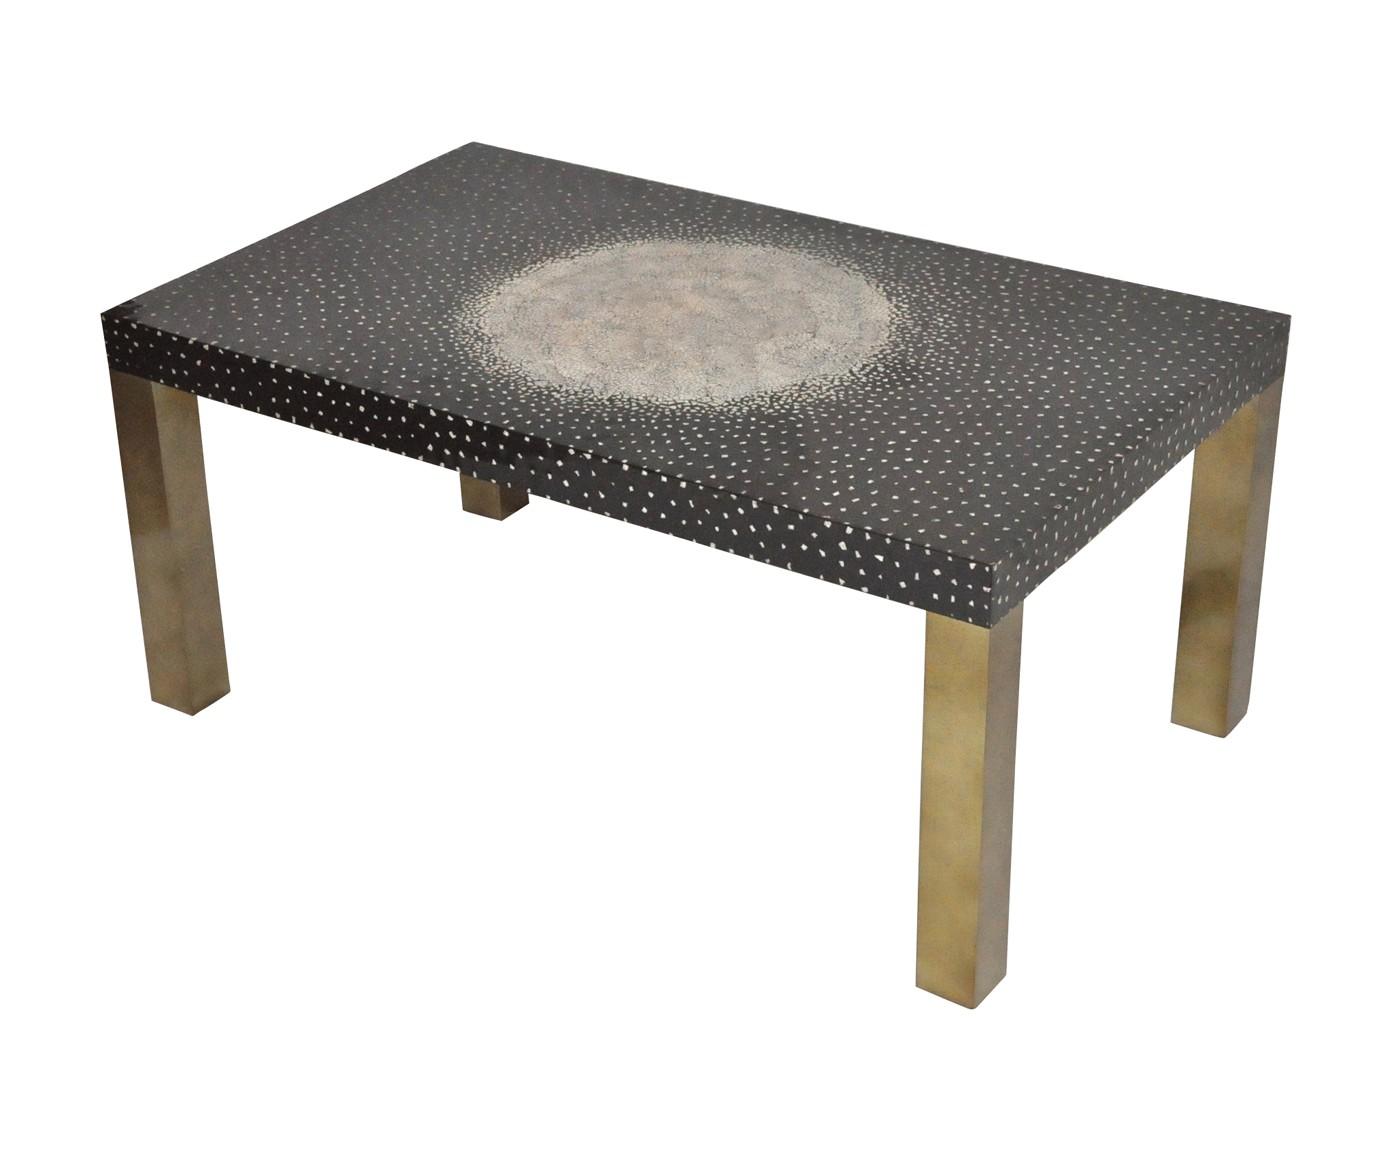 table basse rectangulaire laque noire pieds bronze. Black Bedroom Furniture Sets. Home Design Ideas